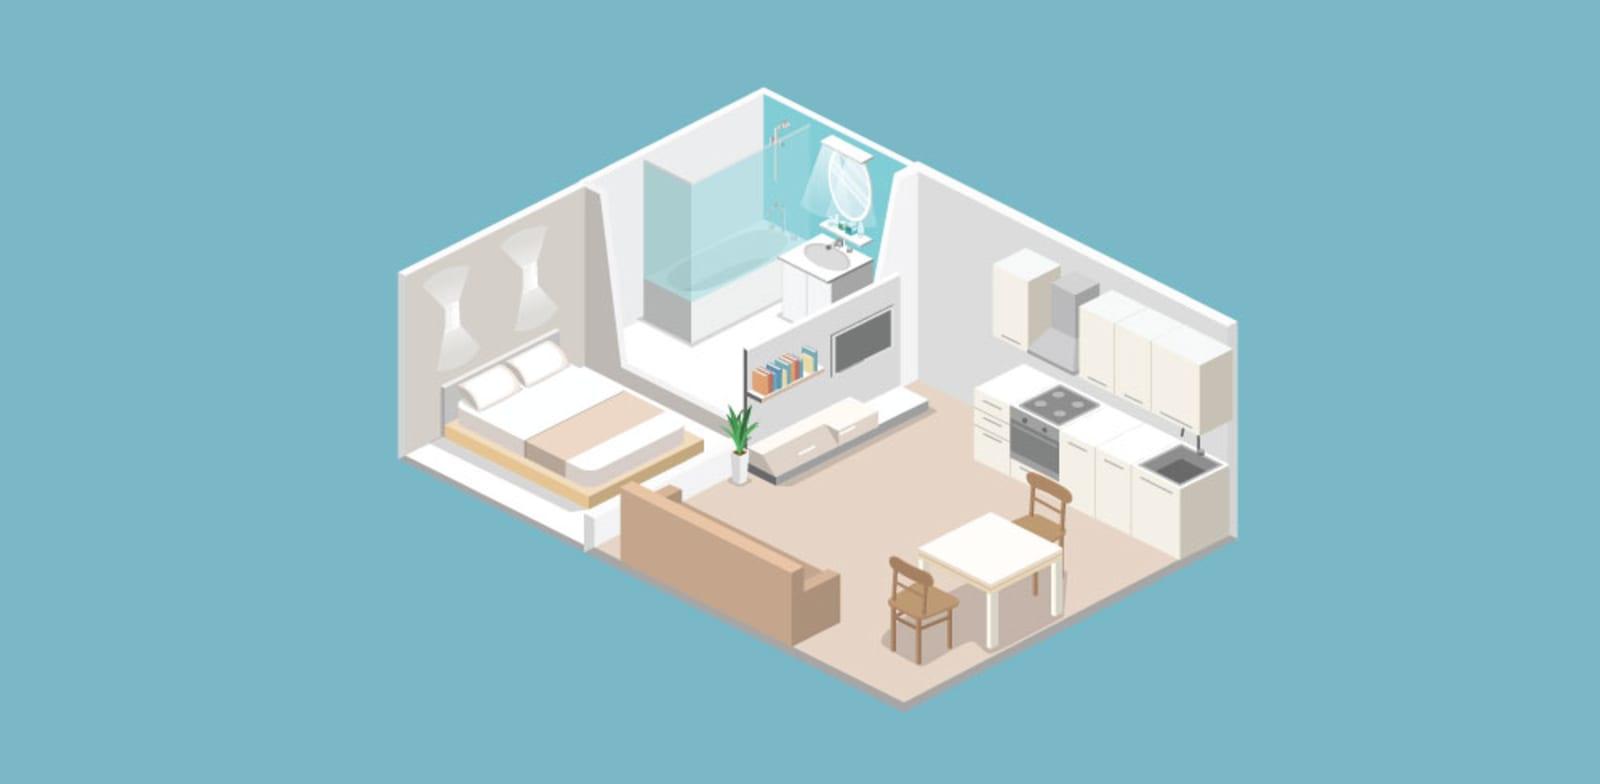 למה הישראלים לא רוצים דירות קטנות? / צילום: Shutterstock